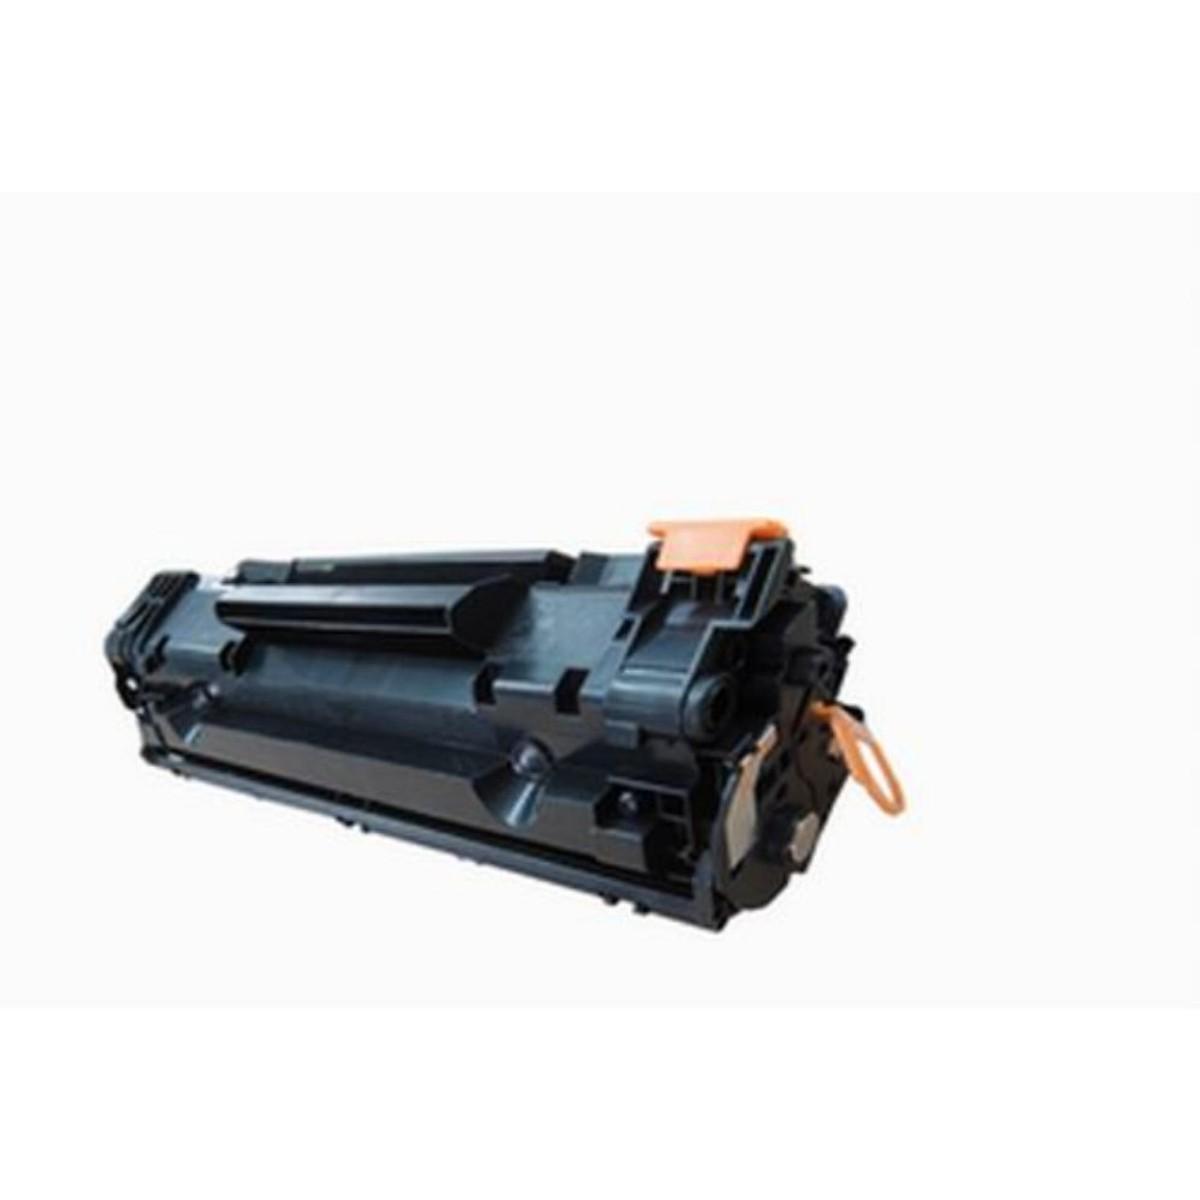 Hộp mực 17A (có CHIP) cho máy in HP M102w, M102a, MFP M130fn, MFP M130fw, MFP M130a, MFP M130w